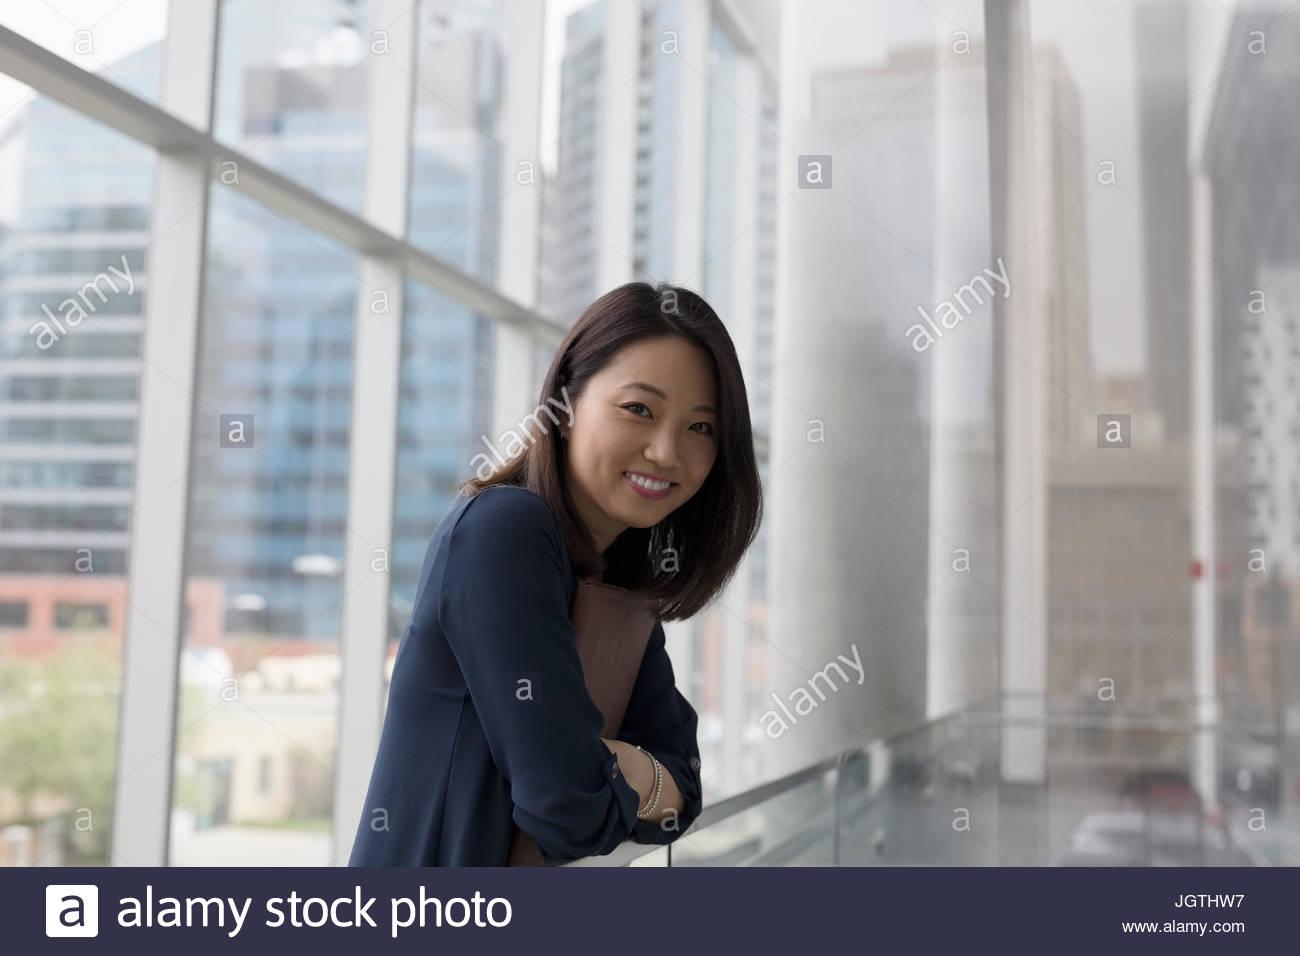 Ritratto imprenditrice sorridente in ufficio highrise corridoio Immagini Stock